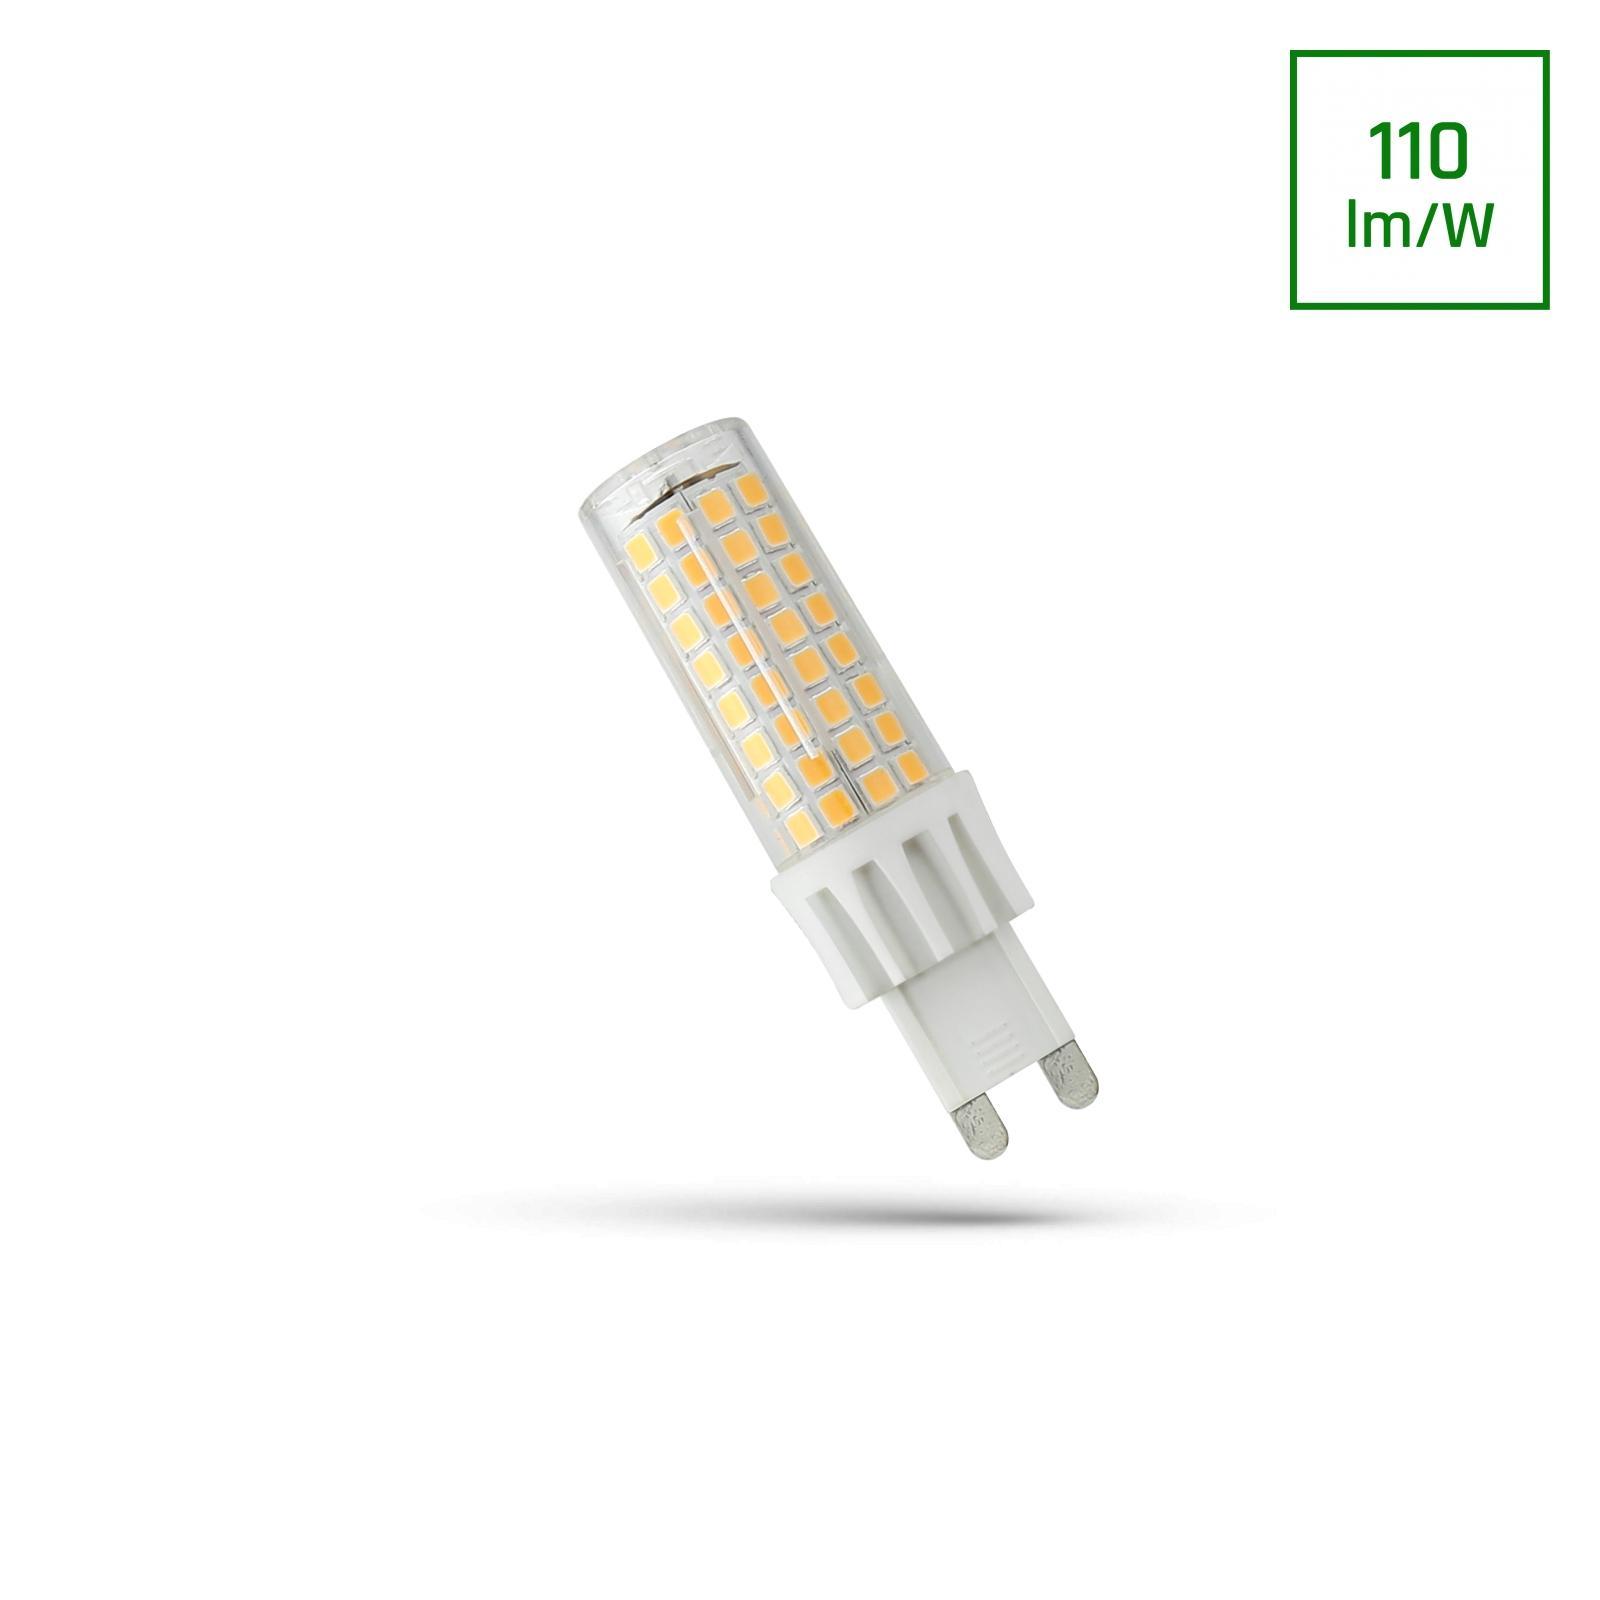 LED G9 230V 7W Teplá bílá SMD SPECTRUM